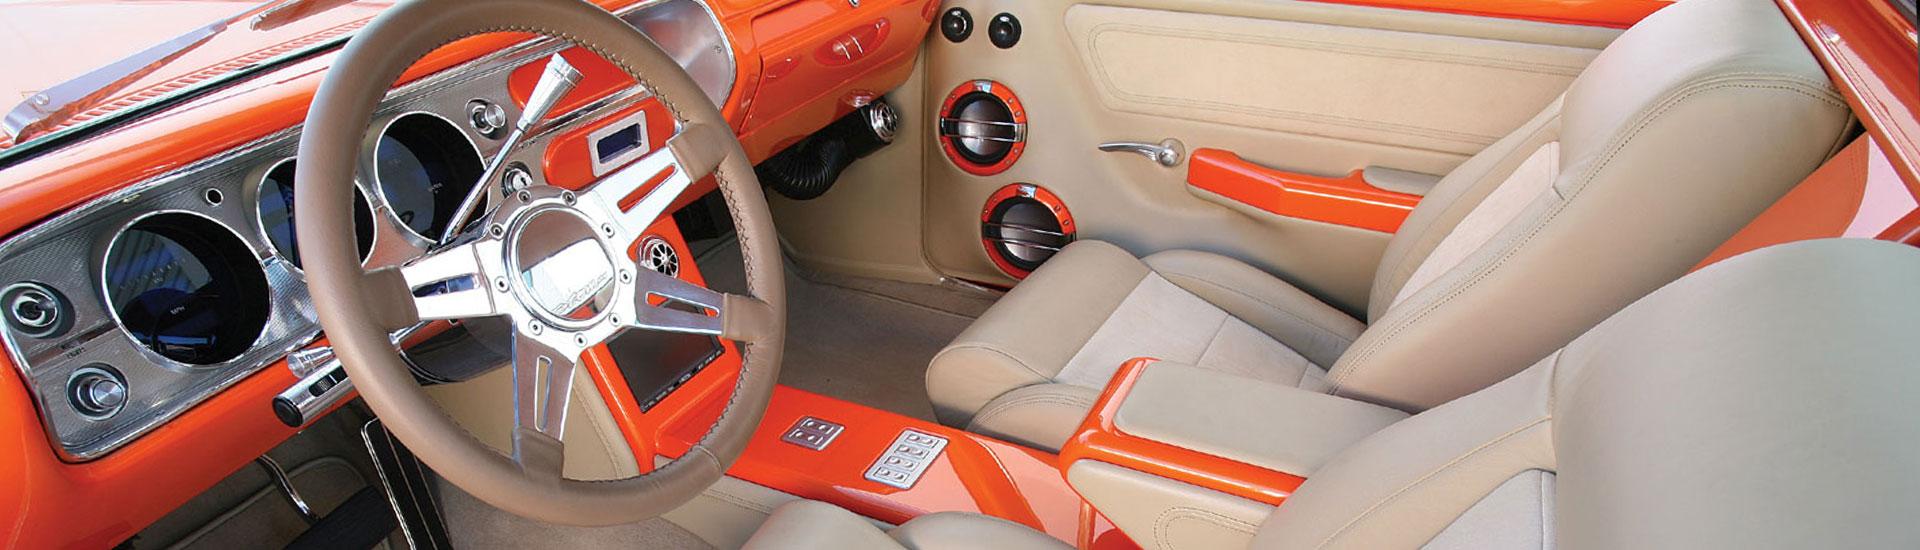 Chevrolet El Camino Dash Kits Custom Chevrolet El Camino